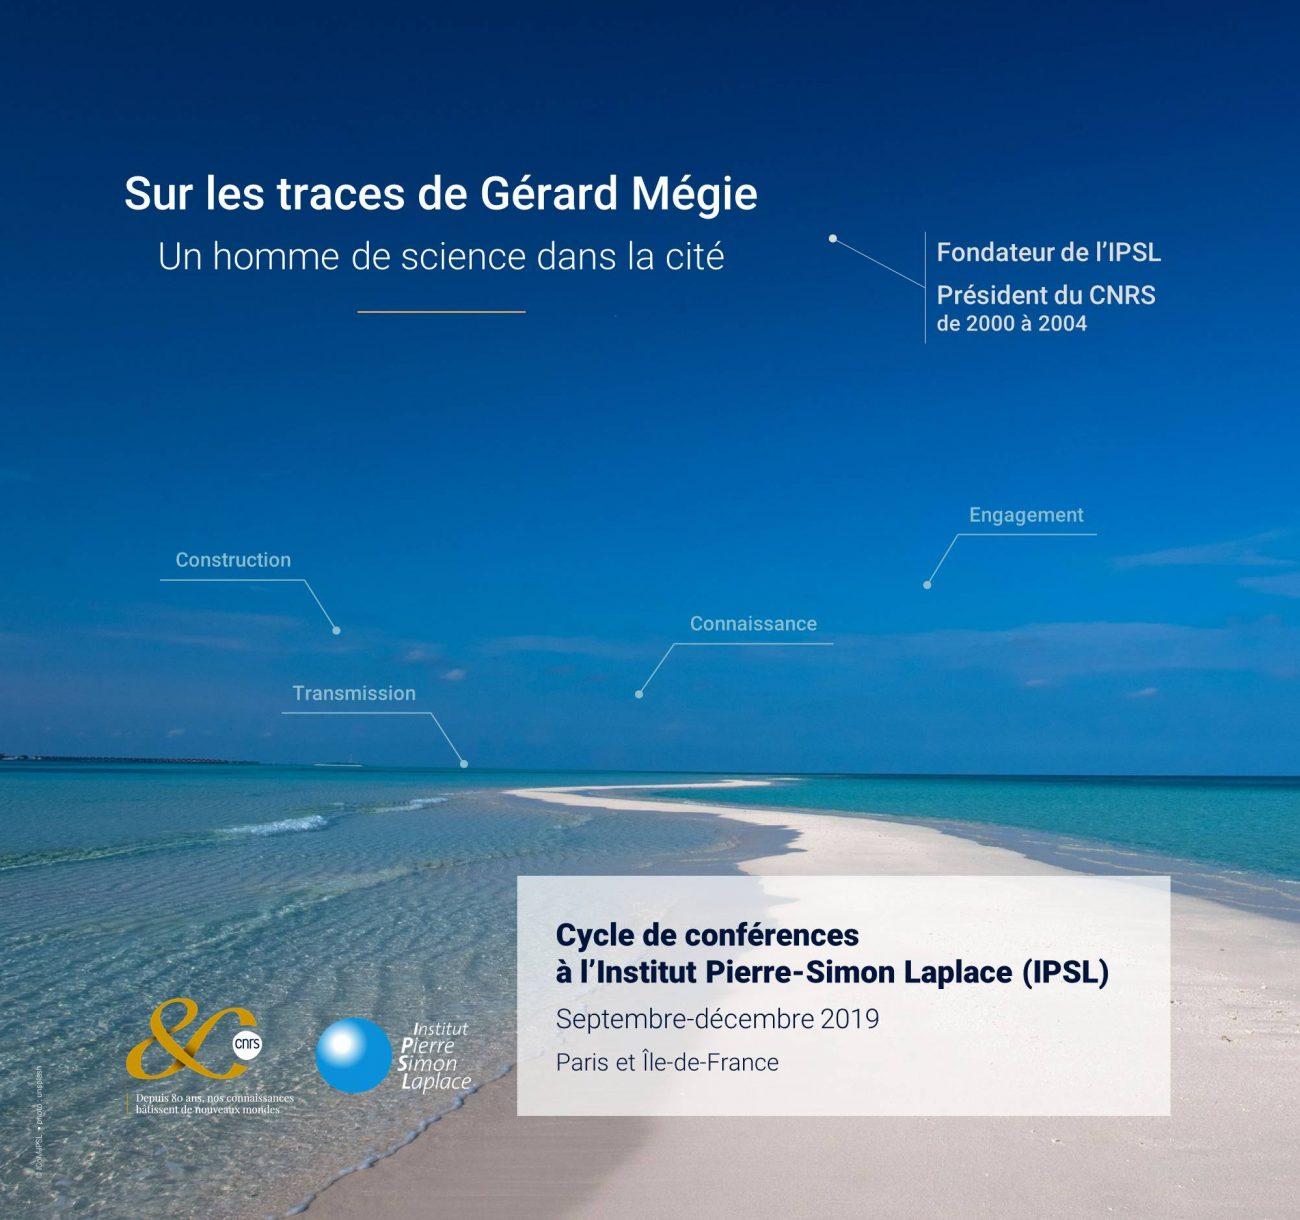 Cycle de conférences – Sur les traces de Gérard Mégie, un homme de science dans la cité